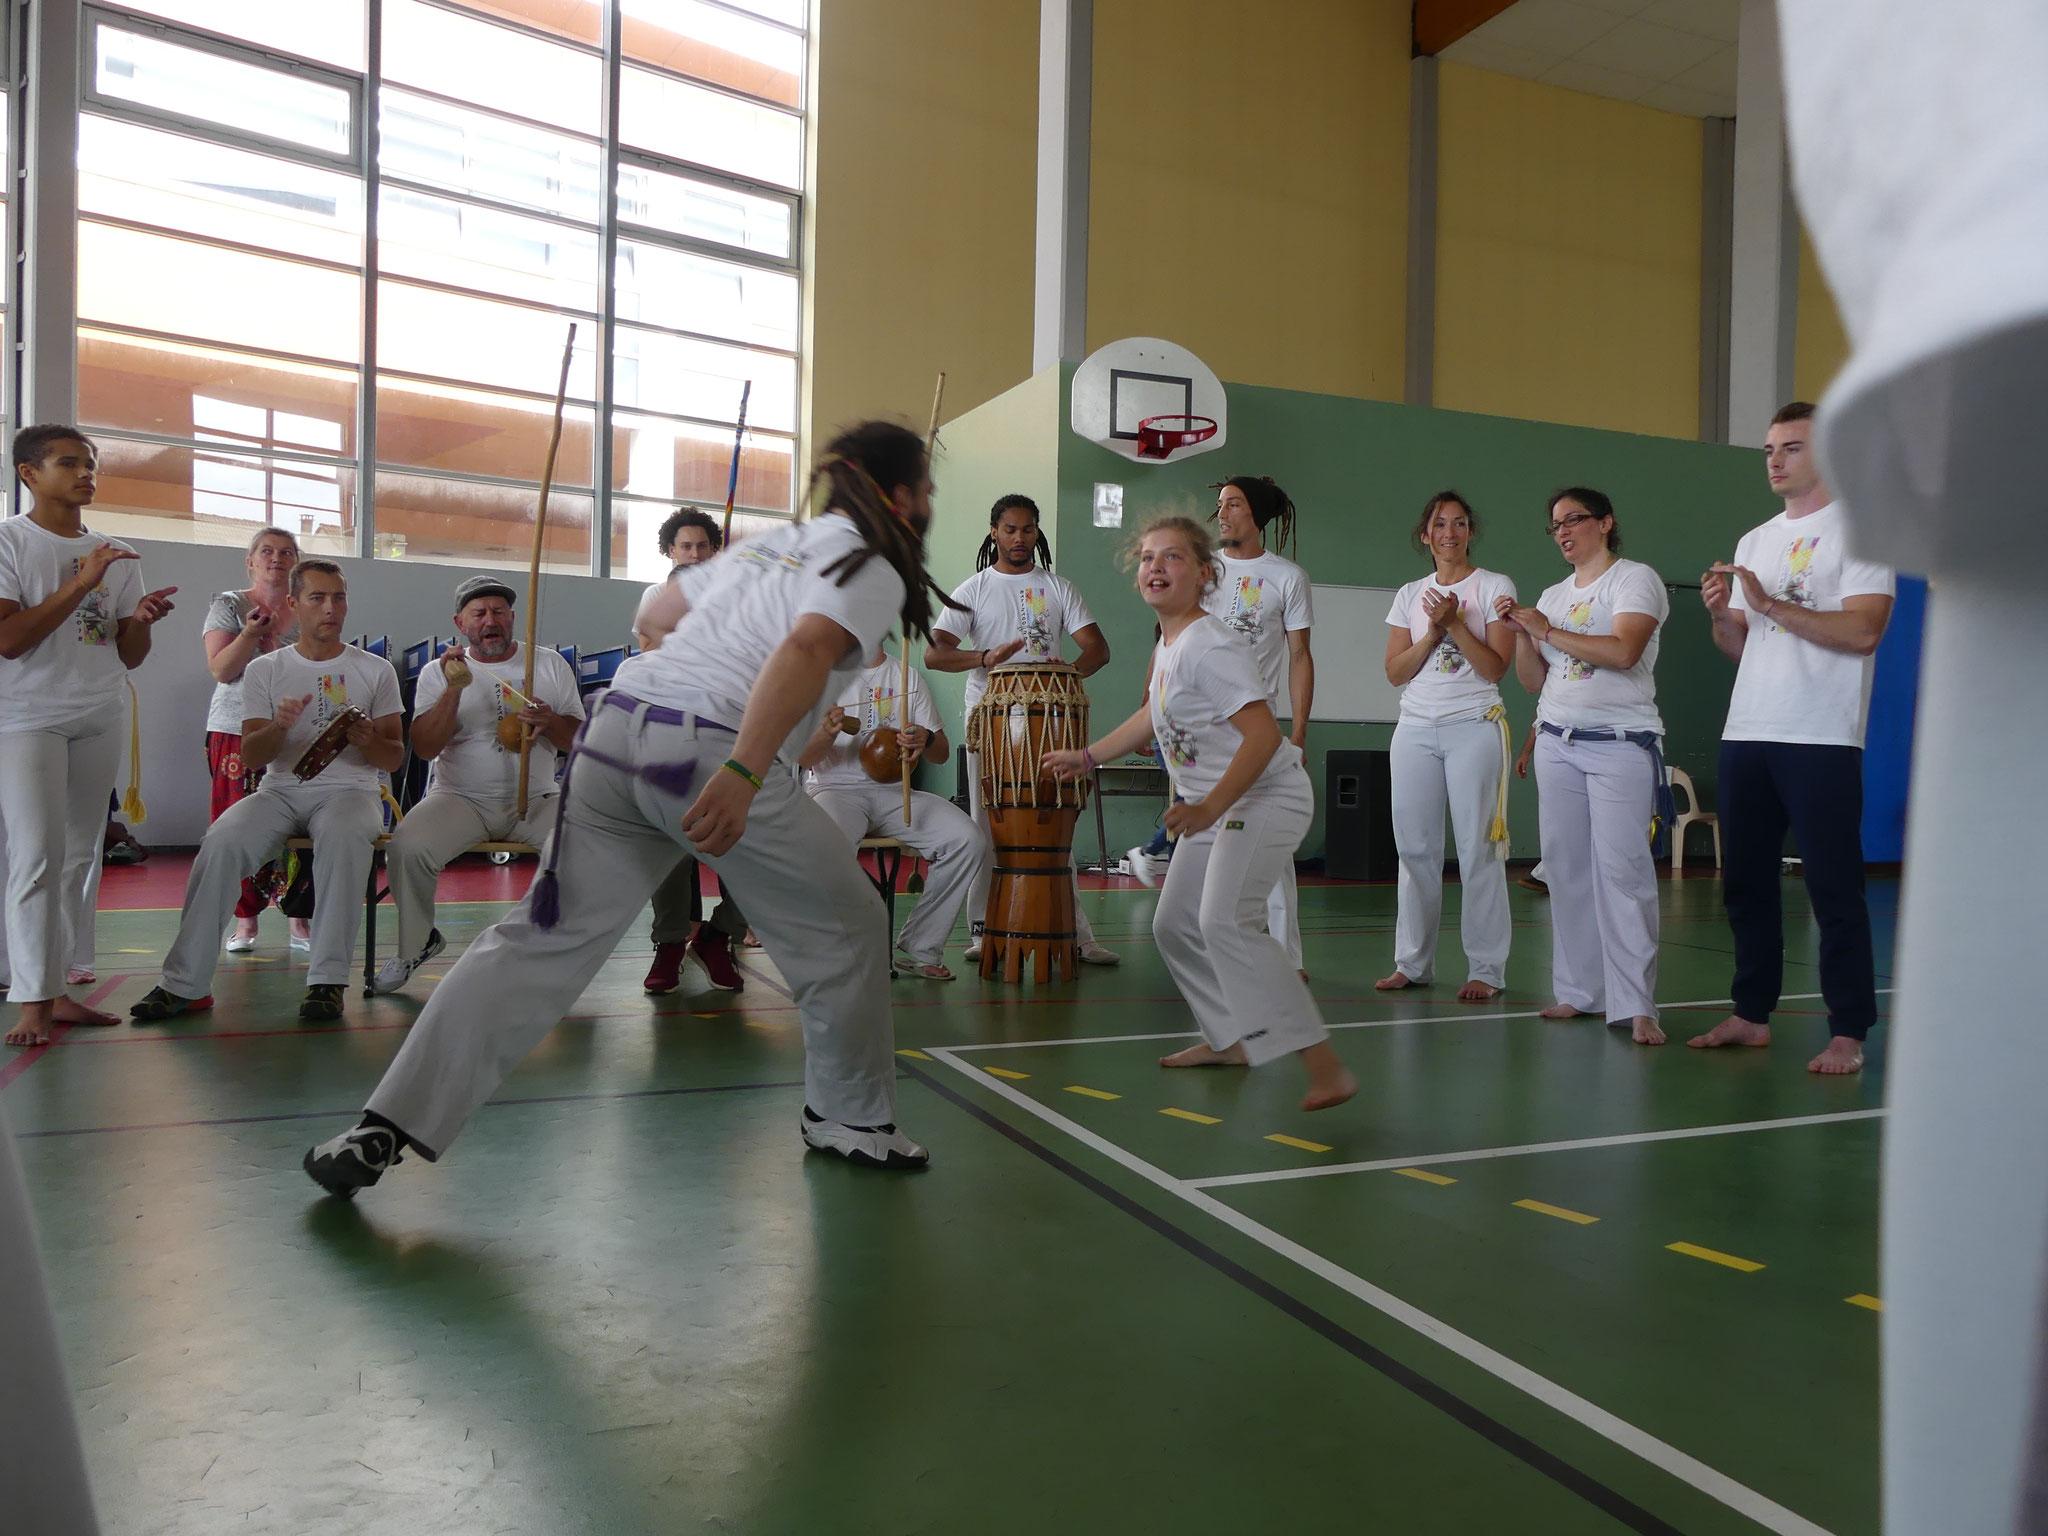 BATIZADO - 2018 - Roda pendant un baptème de capoeira